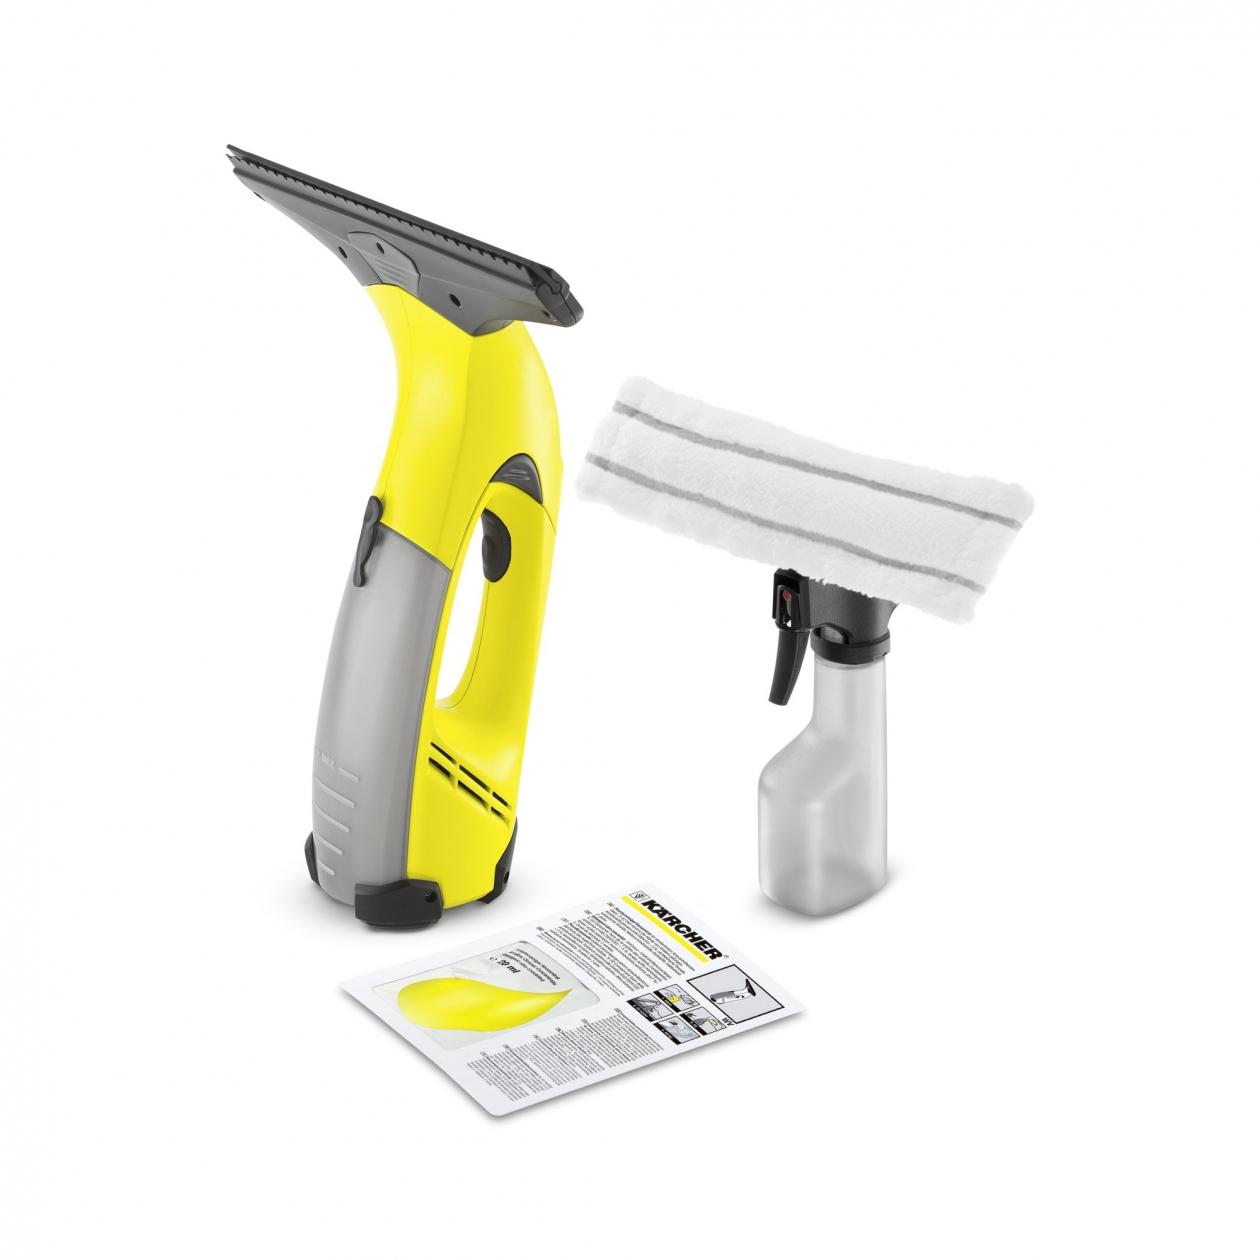 Kärcher WV Classic 0.1L Giallo pulitore di finestra elettrico 4054278065991 1.633-169.0 04_90600643